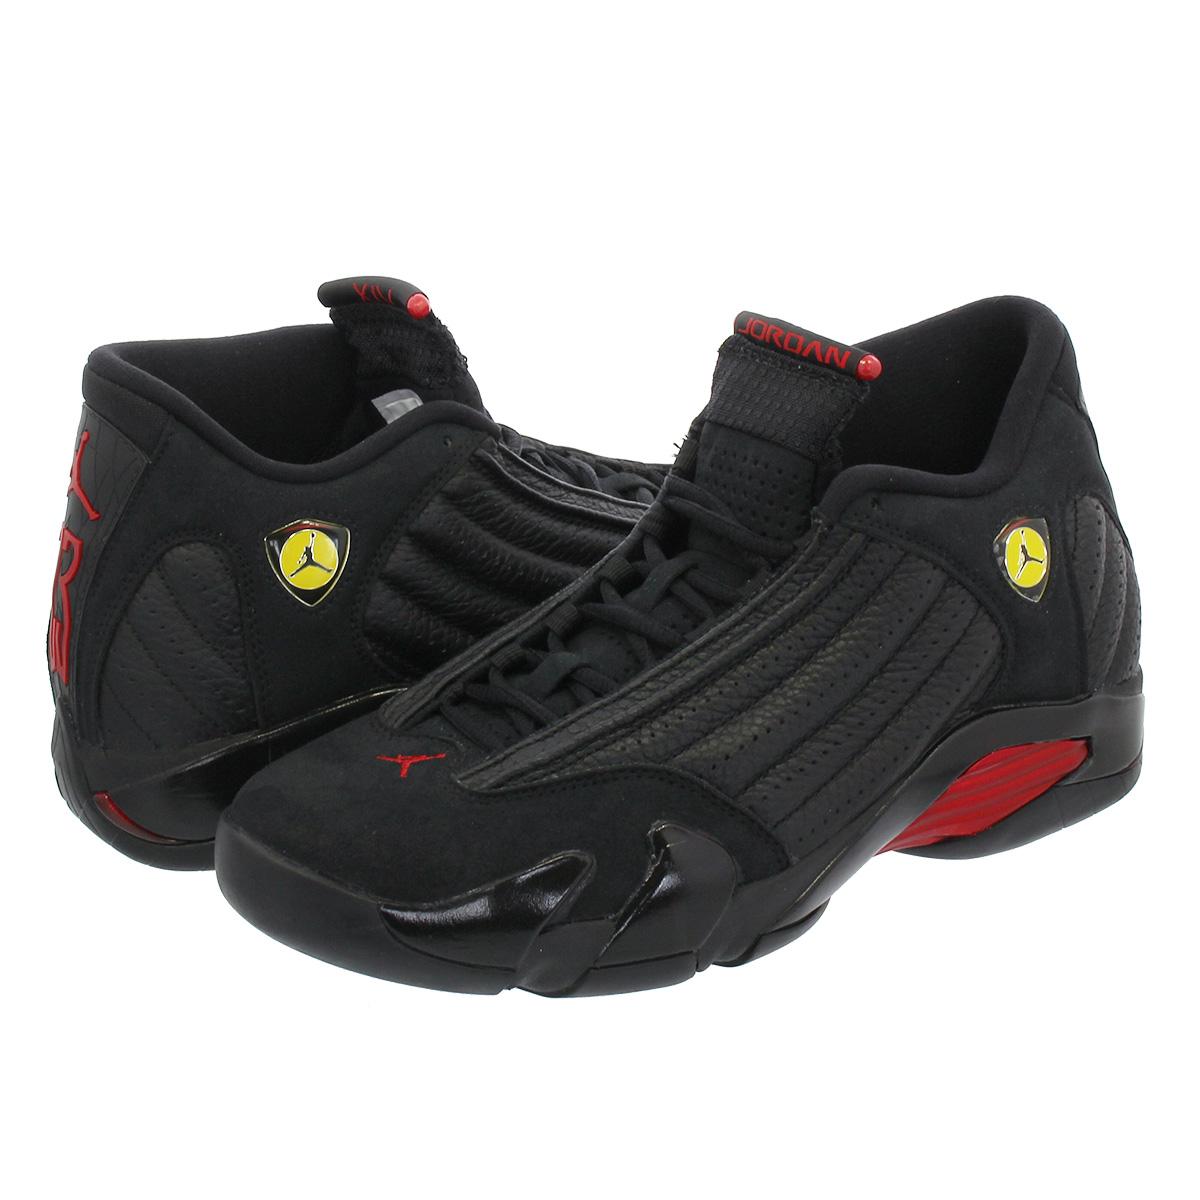 871129ab87d0cb NIKE AIR JORDAN 14 RETRO Nike Air Jordan 14 nostalgic BLACK VARSITY RED  487